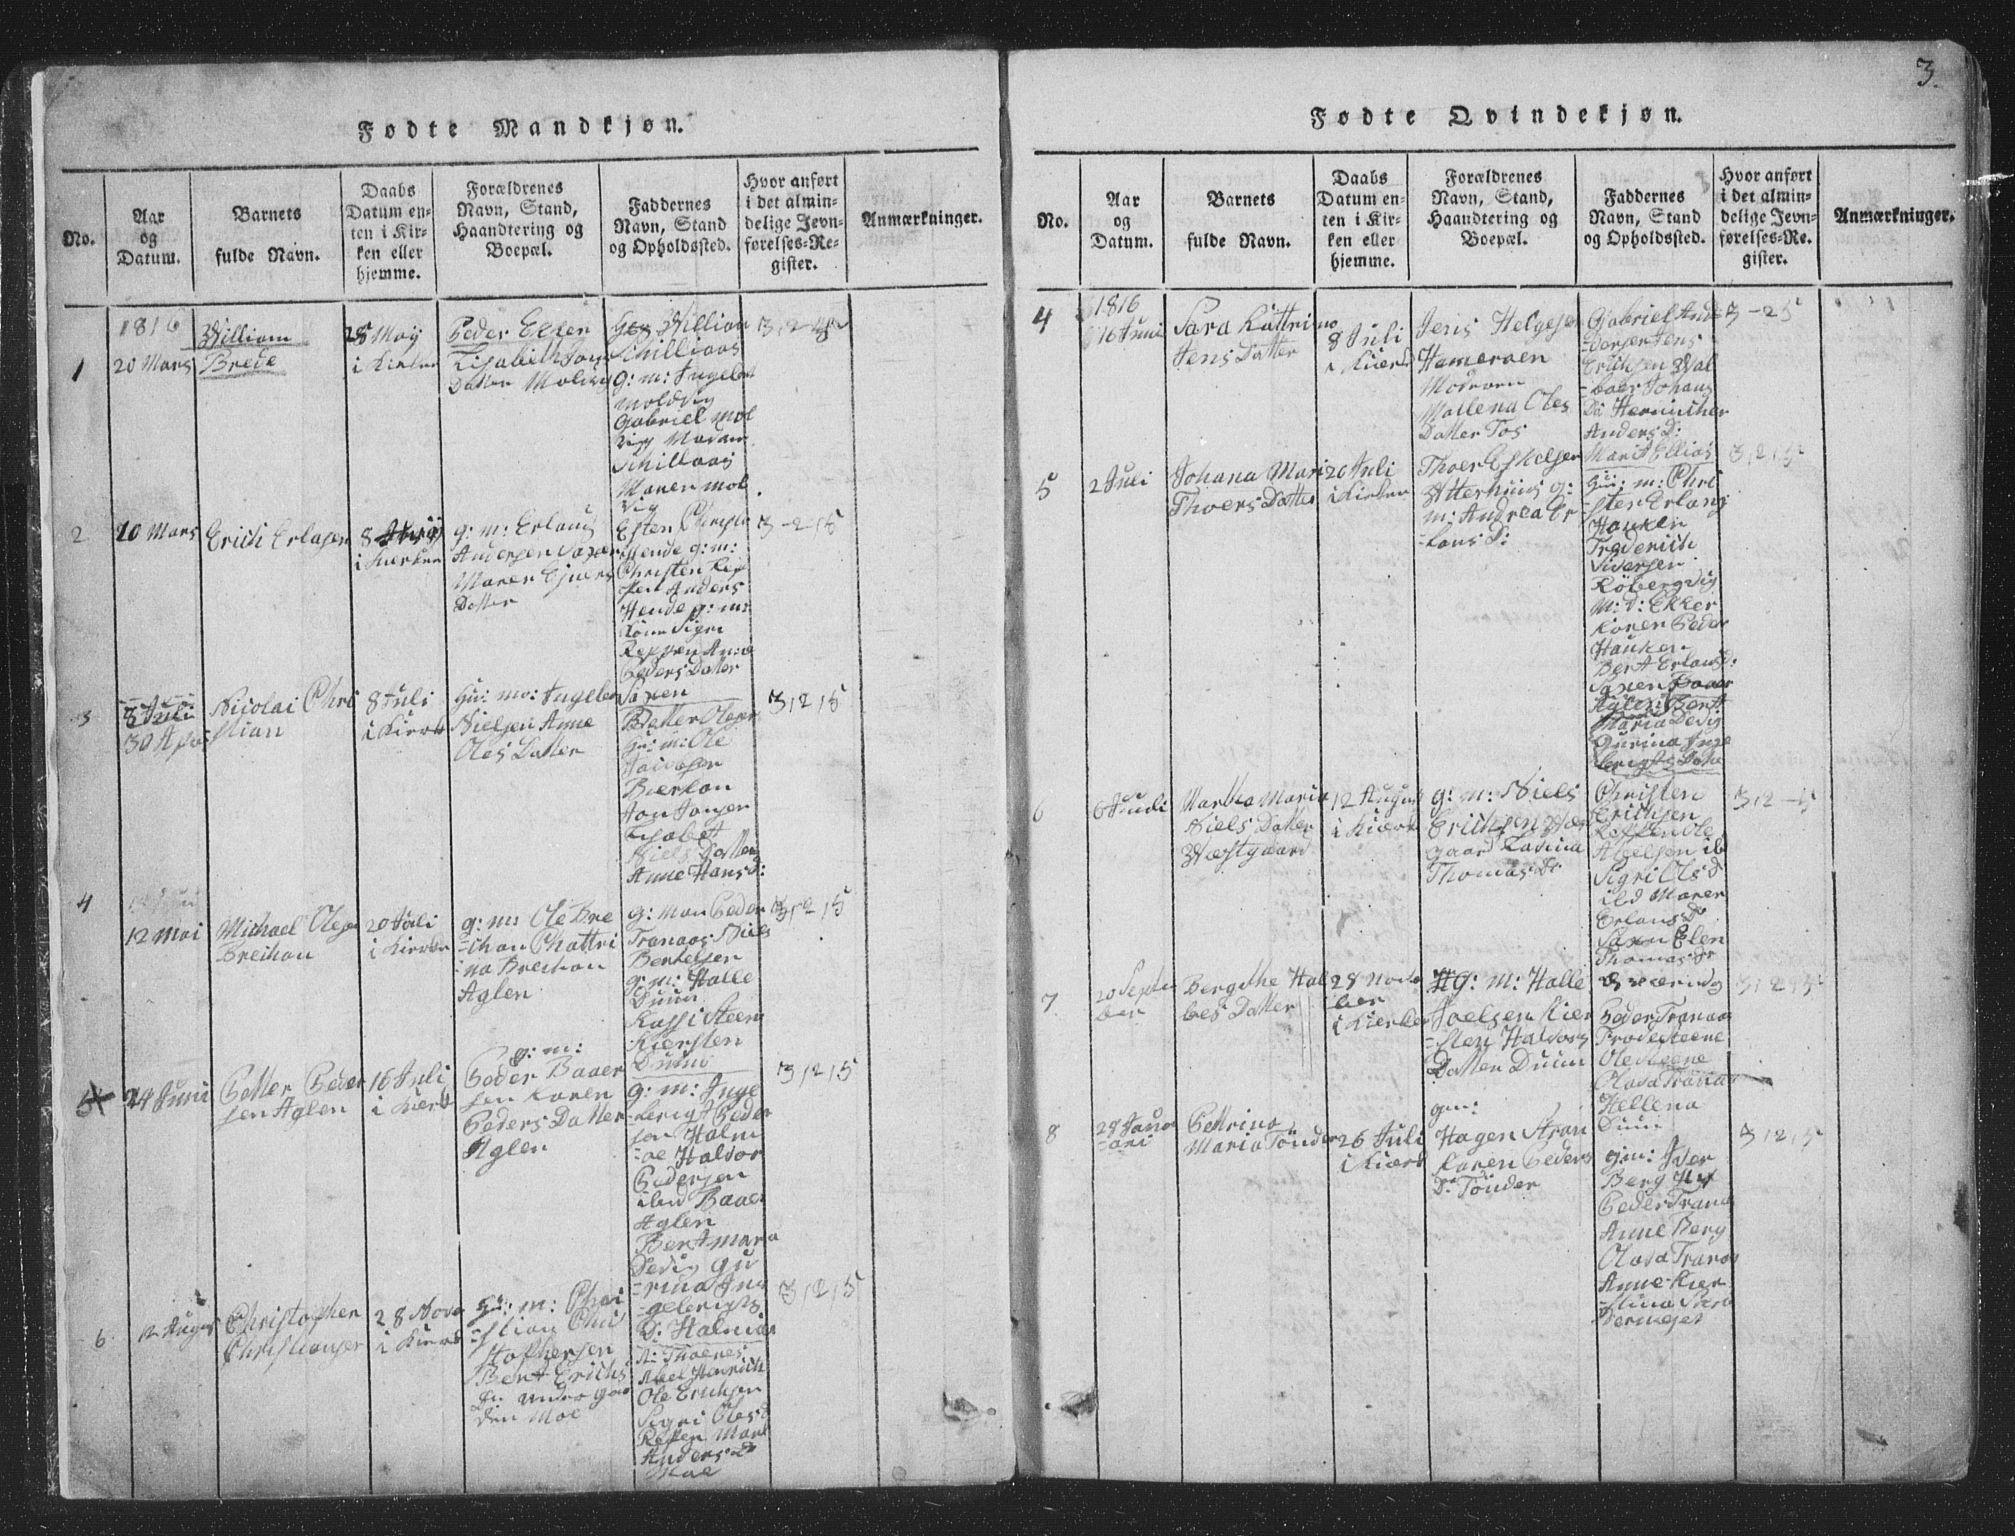 SAT, Ministerialprotokoller, klokkerbøker og fødselsregistre - Nord-Trøndelag, 773/L0613: Ministerialbok nr. 773A04, 1815-1845, s. 3